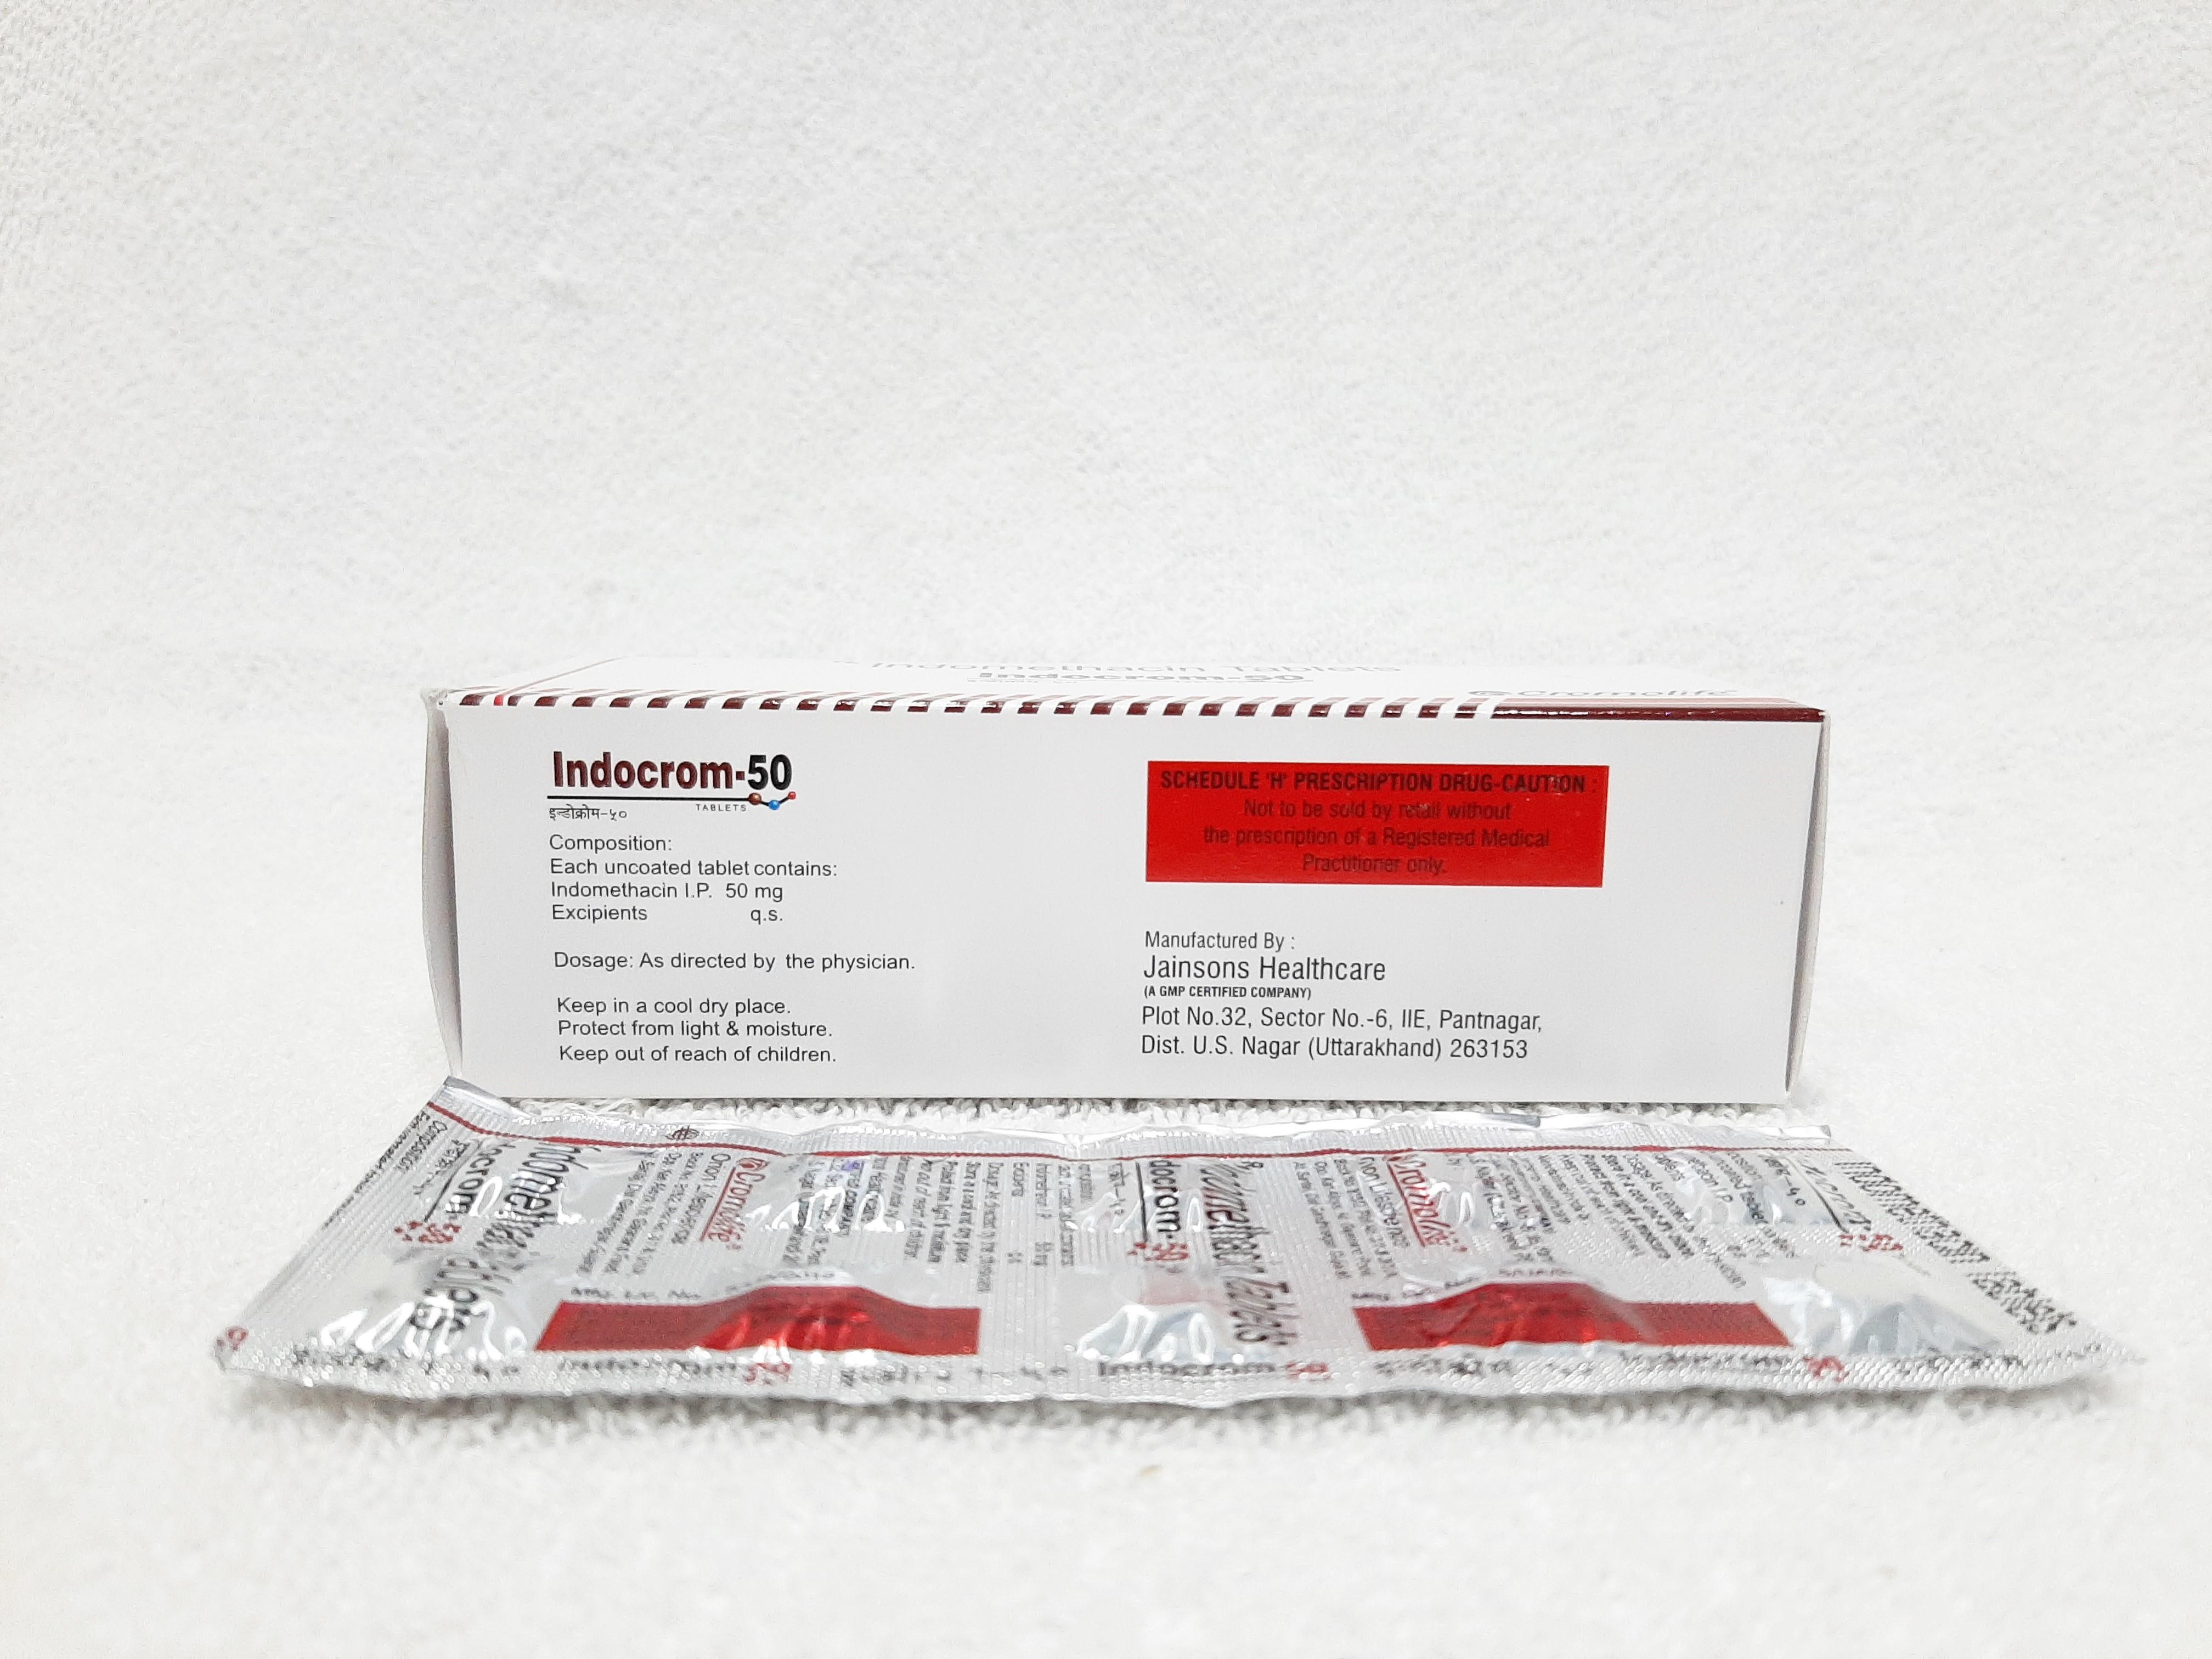 Indomethacin I.P. 50 mg Tablet